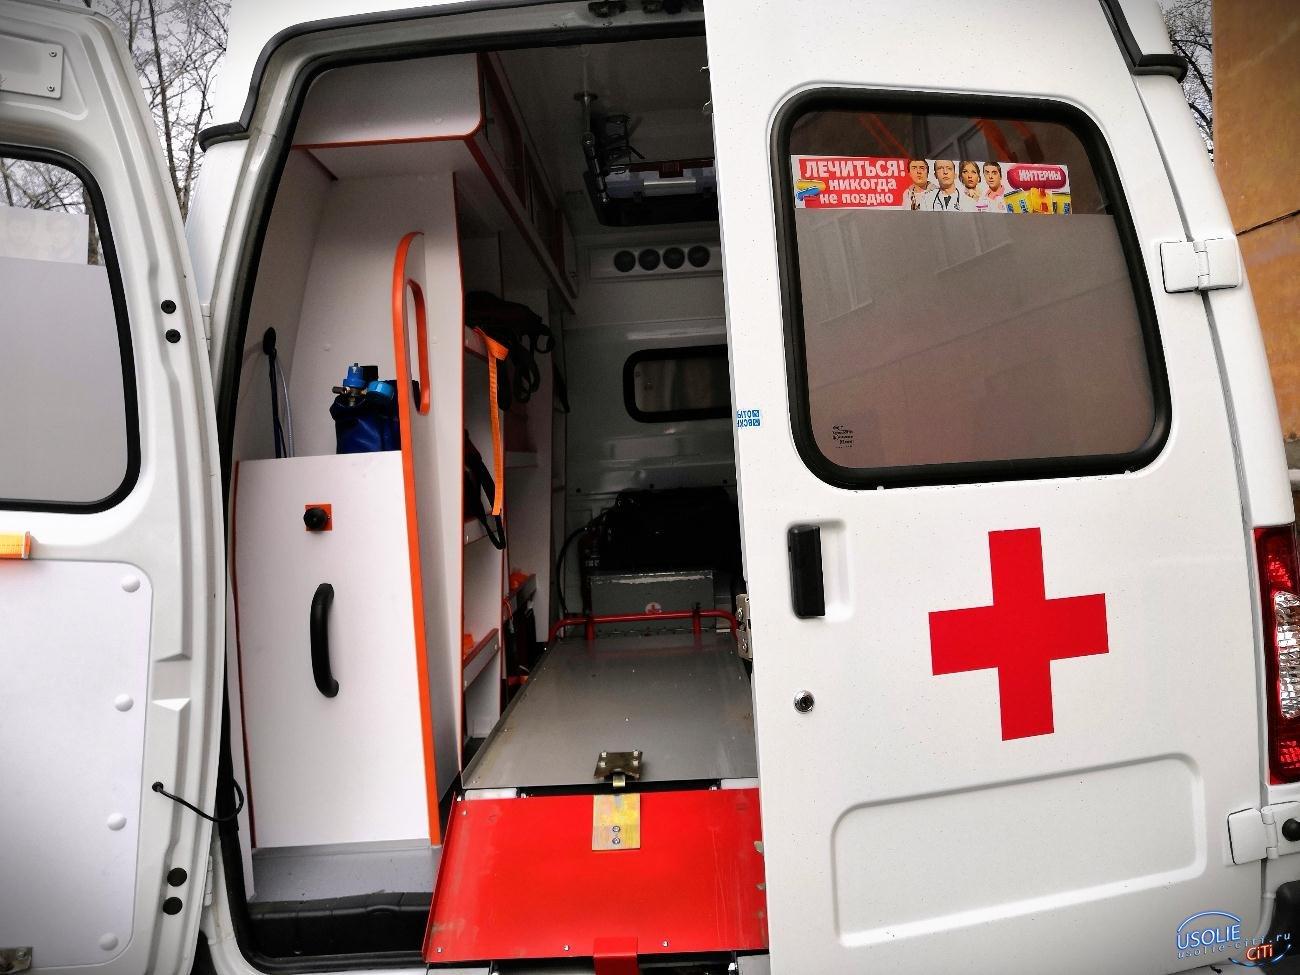 Пешеход-нарушитель в Усолье совершил нападение на сотрудника ГИБДД